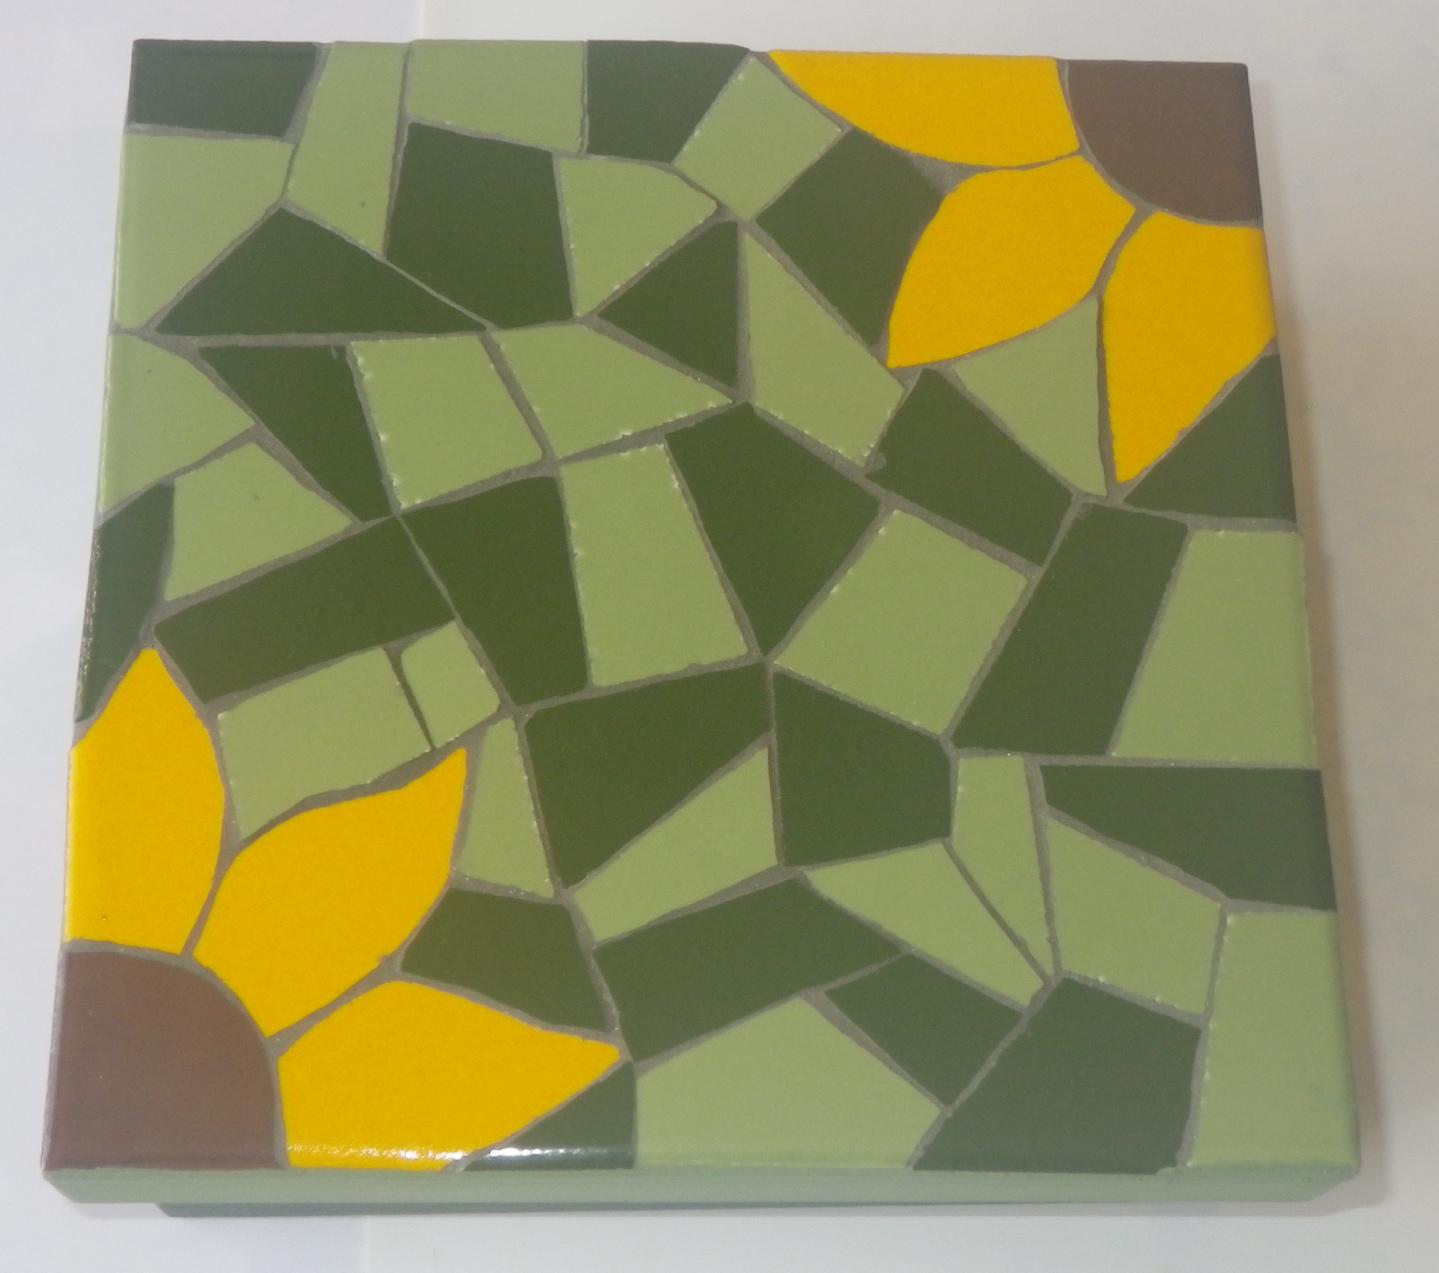 Trabalhos em mosaico caixas em mosaico de girassol for Mosaico ceramica